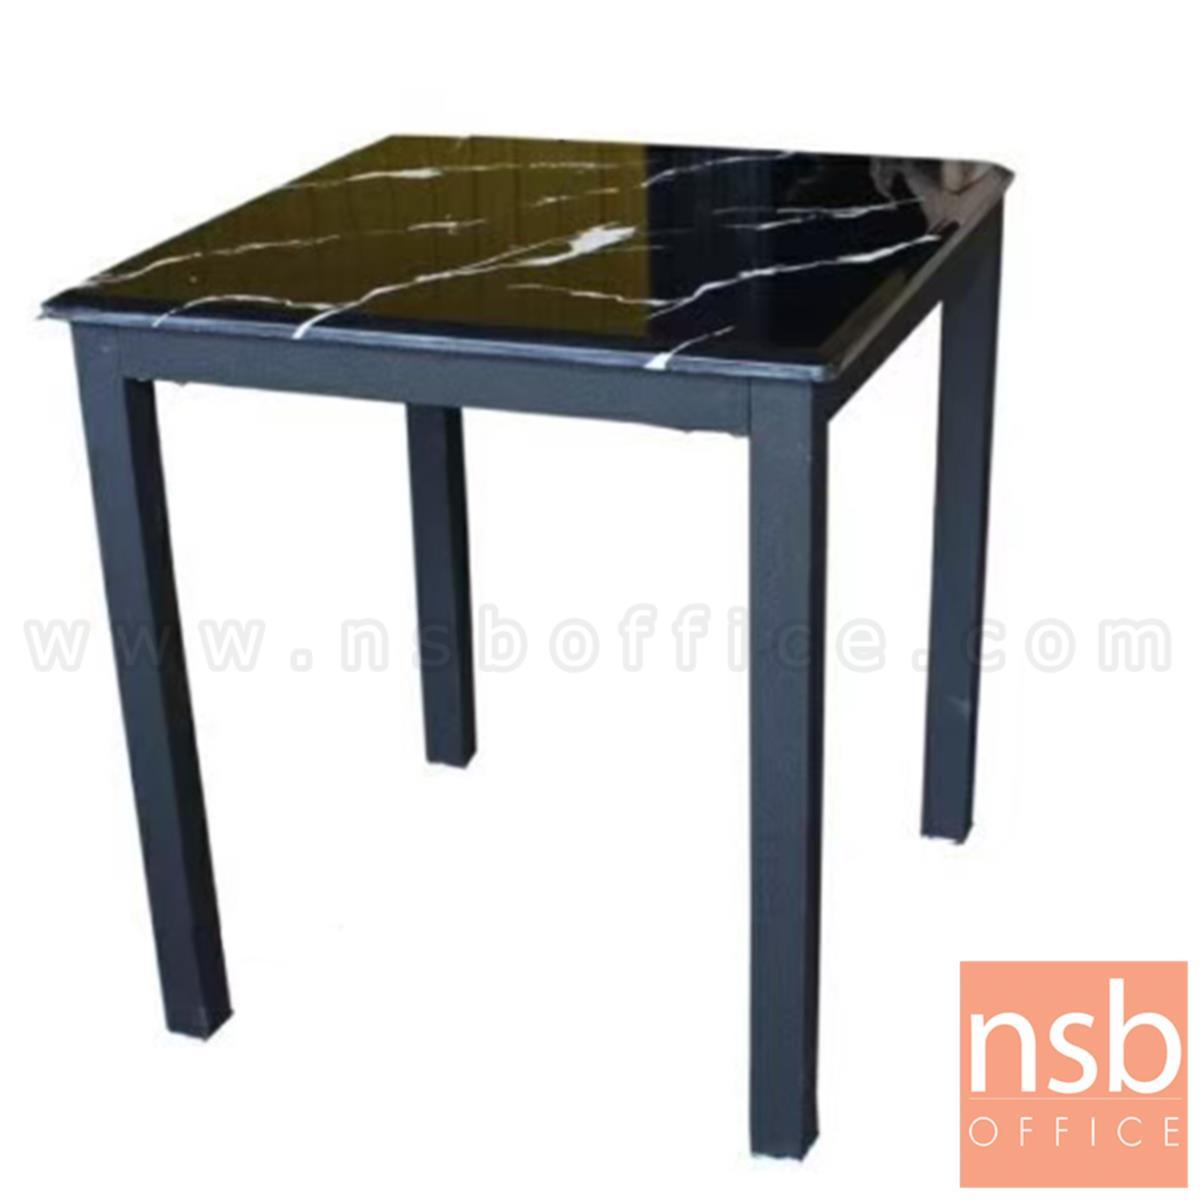 G14A232:โต๊ะรับประทานอาหาร รุ่น Gouda (เกาดา) ขนาด 70W*70H cm. ขาเหล็ก